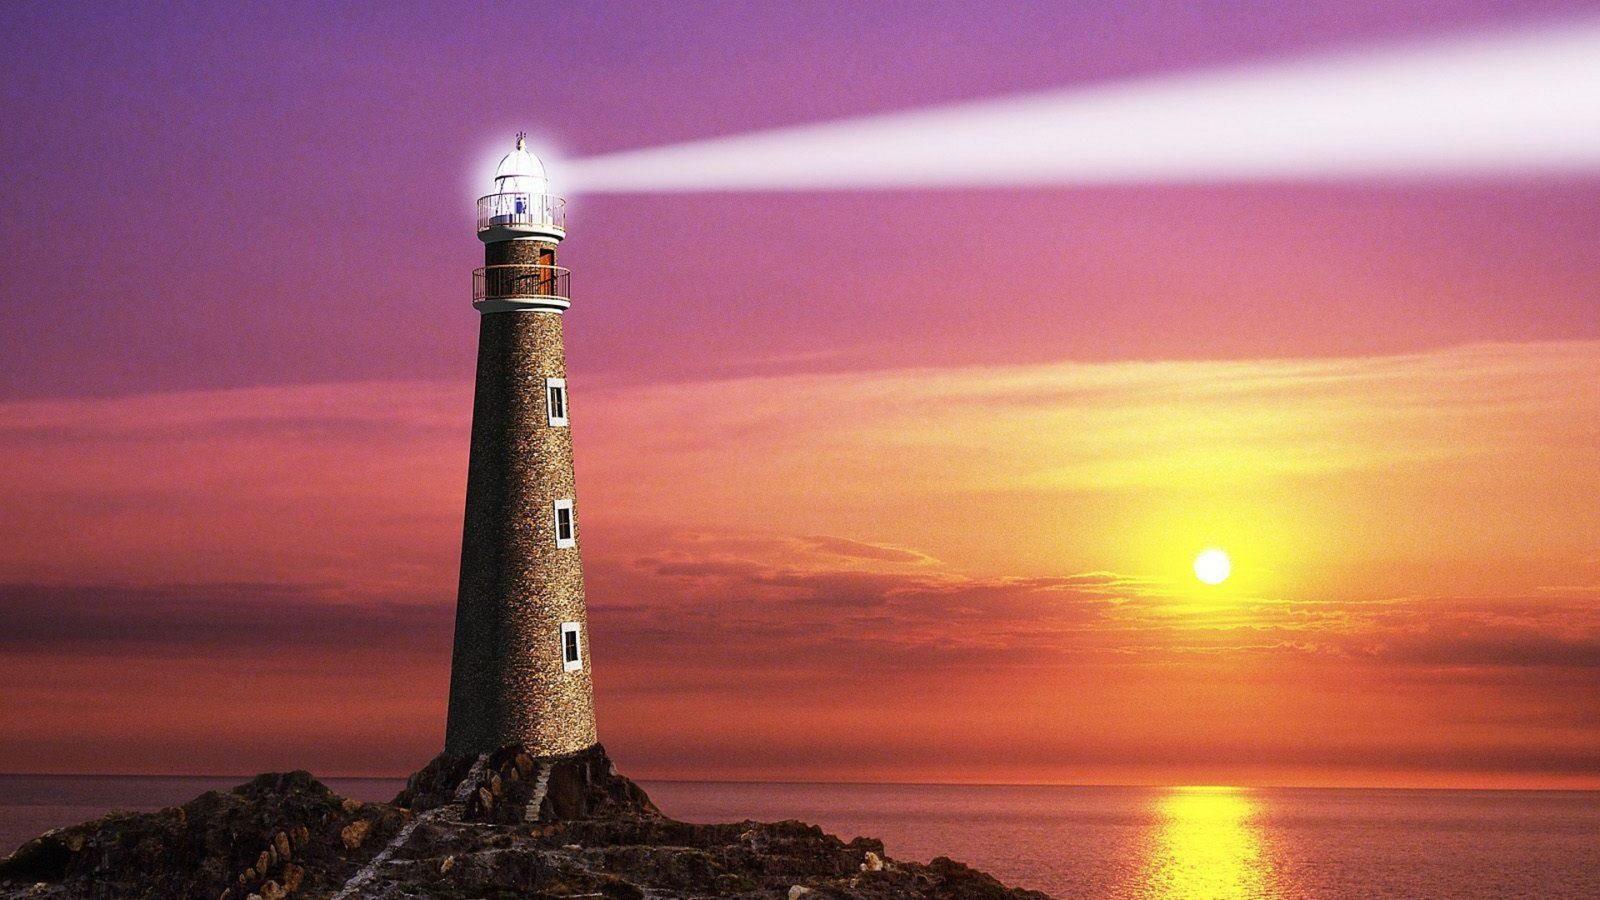 Маяк (радиостанция) — википедия. что такое маяк (радиостанция)